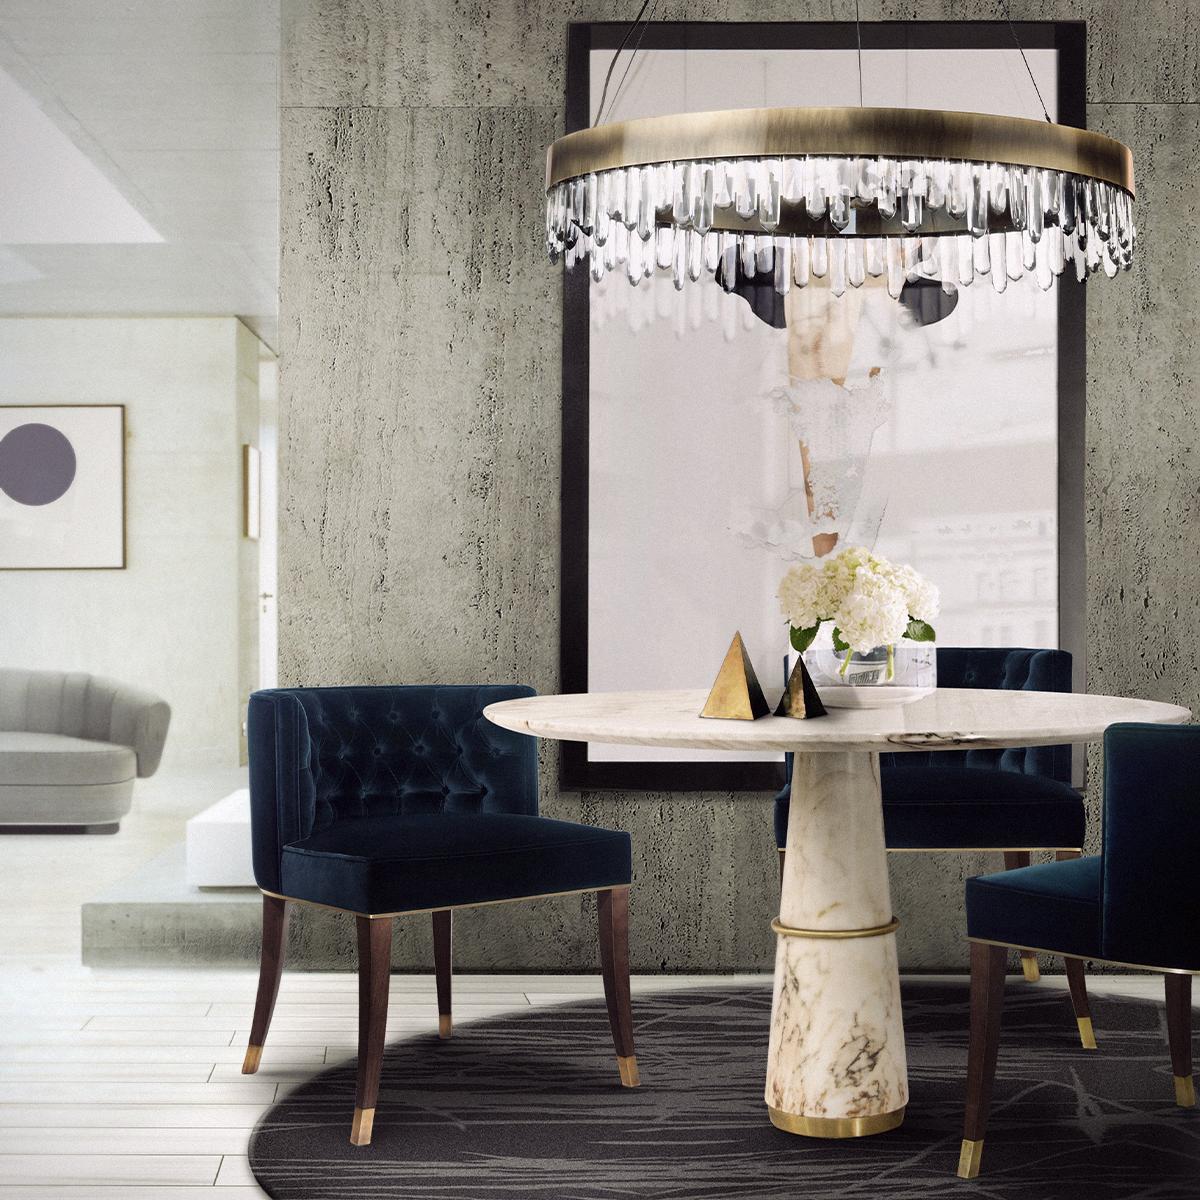 Sillas de Comedor: Piezas poderosas para un proyecto elegante sillas de comedor Sillas de Comedor: Piezas poderosas para un proyecto elegante brabbu ambience press 81 HR